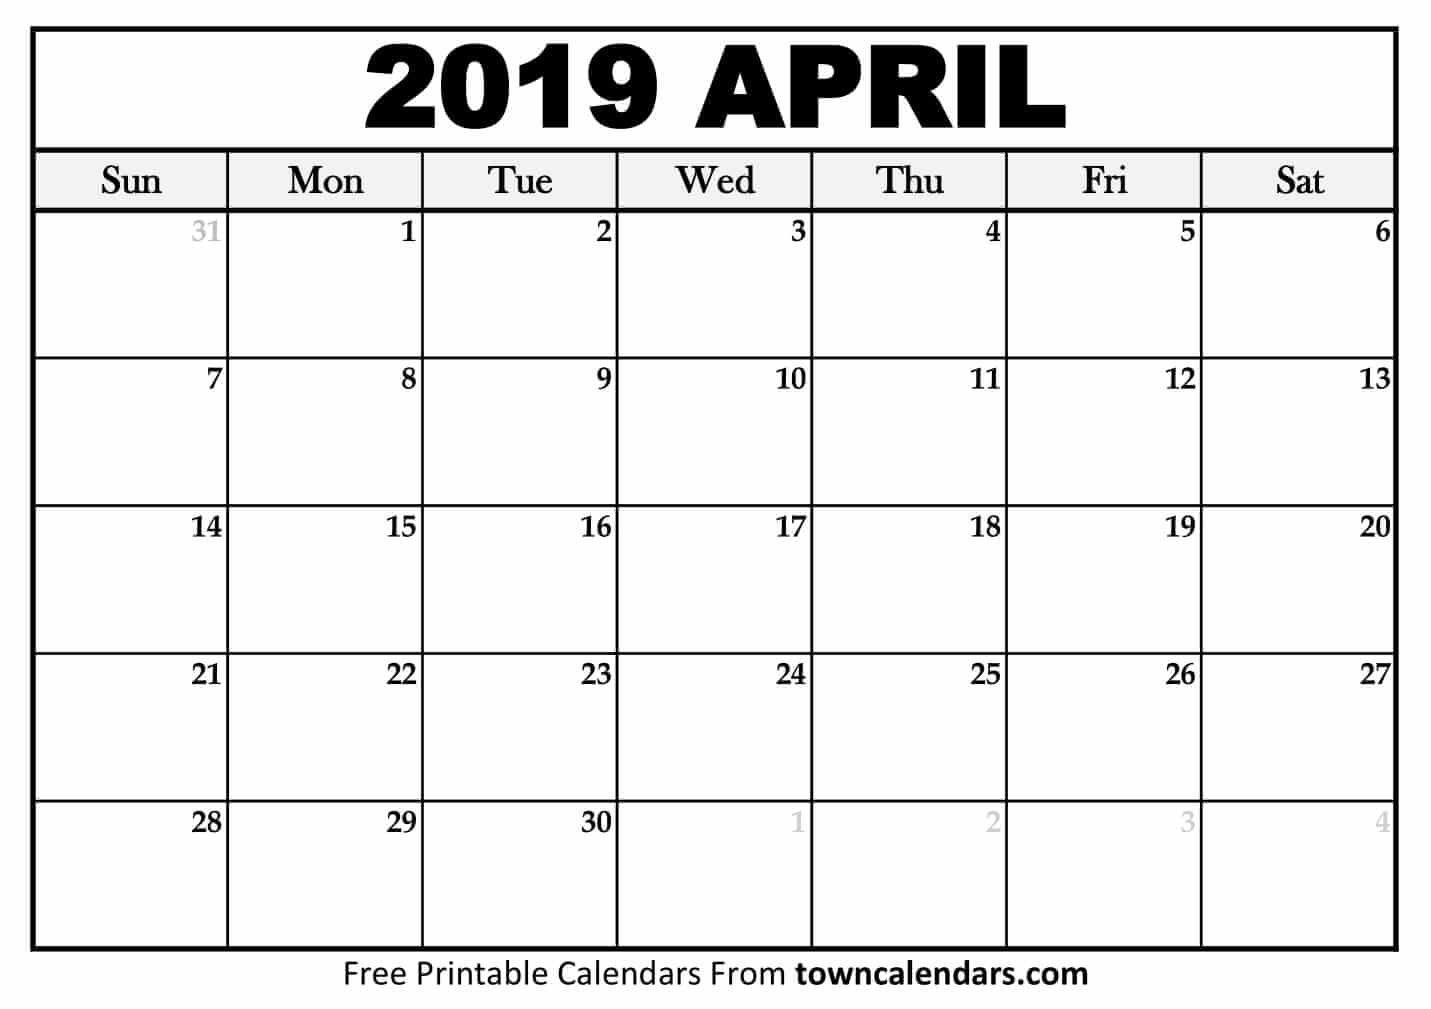 Printable April 2019 Calendar - Towncalendars Calendar 2019 April